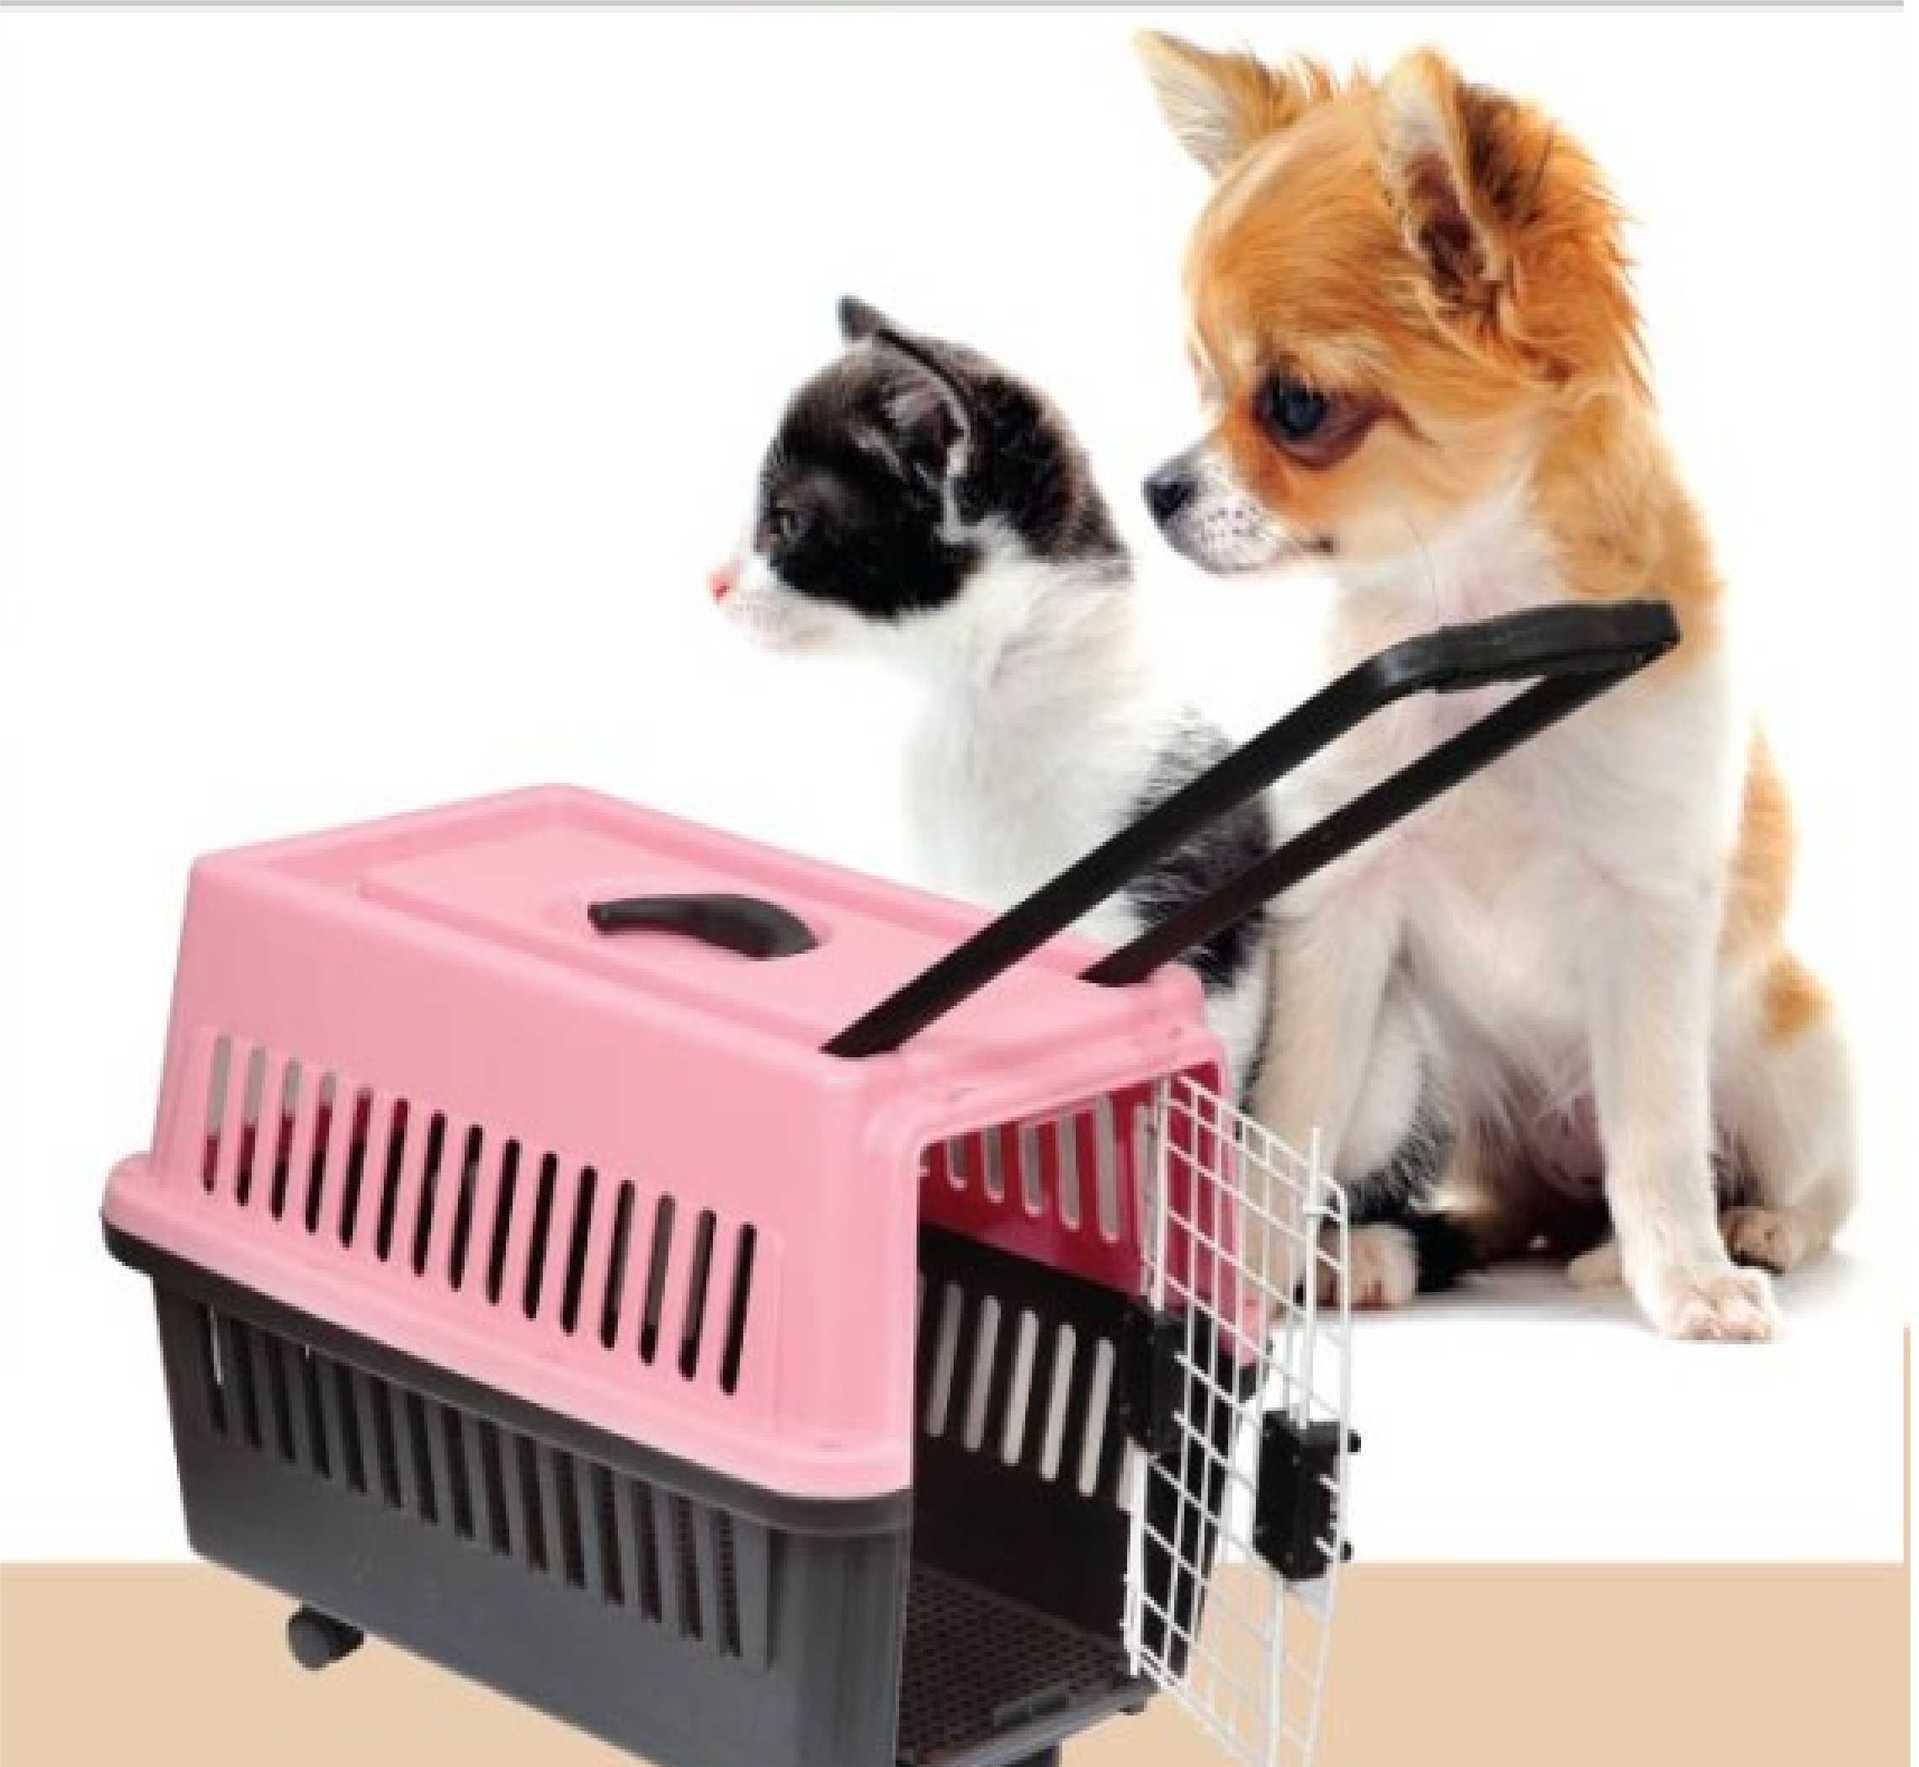 空运 宠物 保险_宠物空运流程_空运宠物大概多少钱